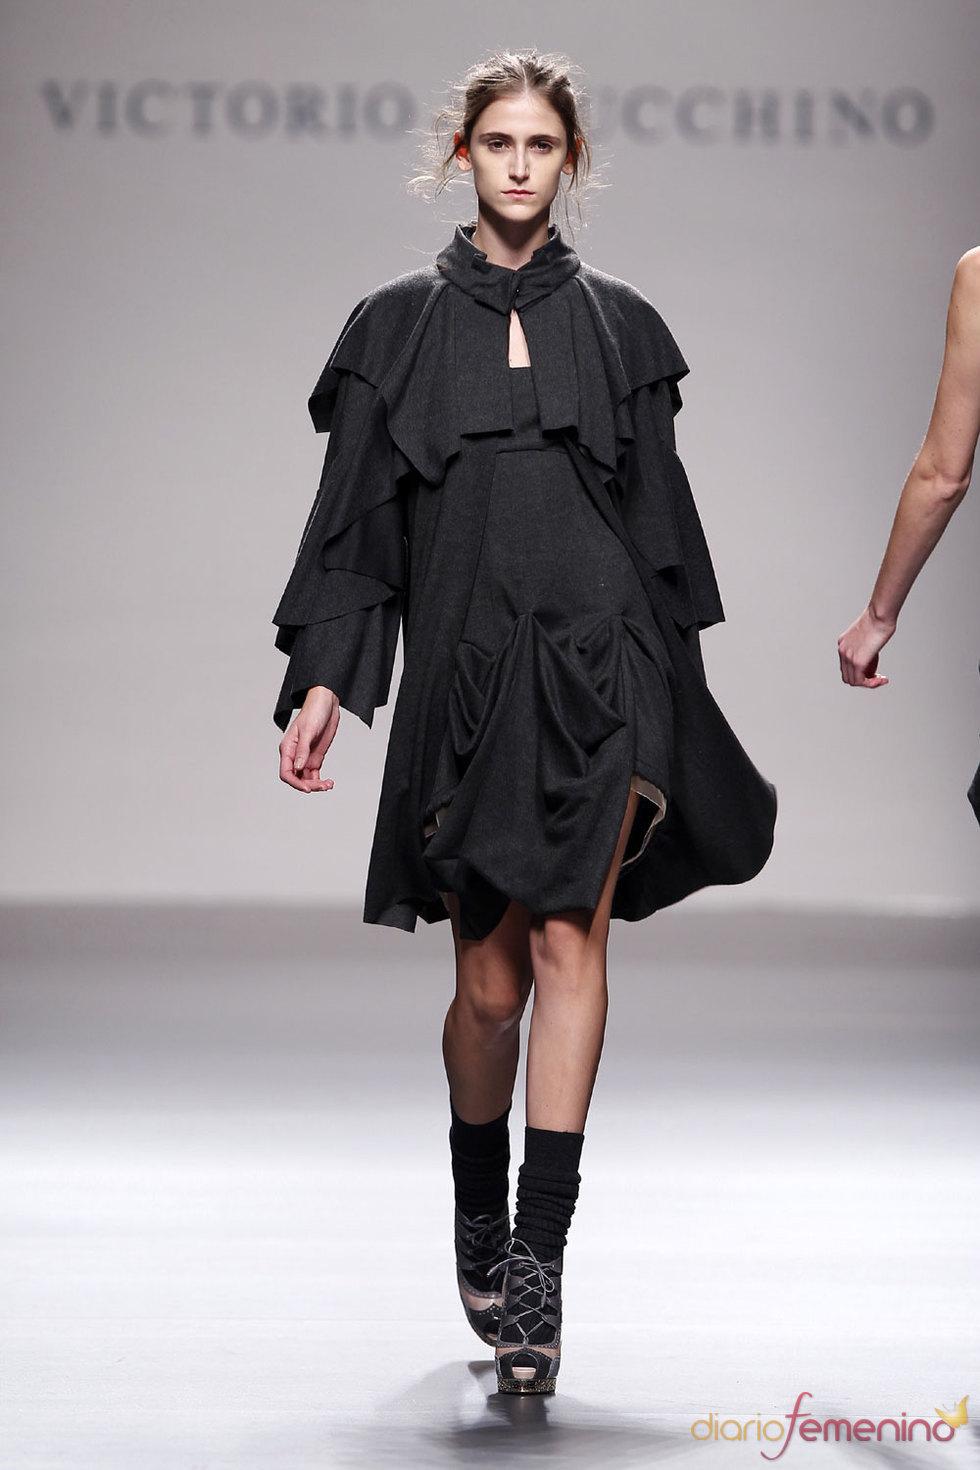 Cibeles Fashion Week 2010 - Victorio & Lucchino